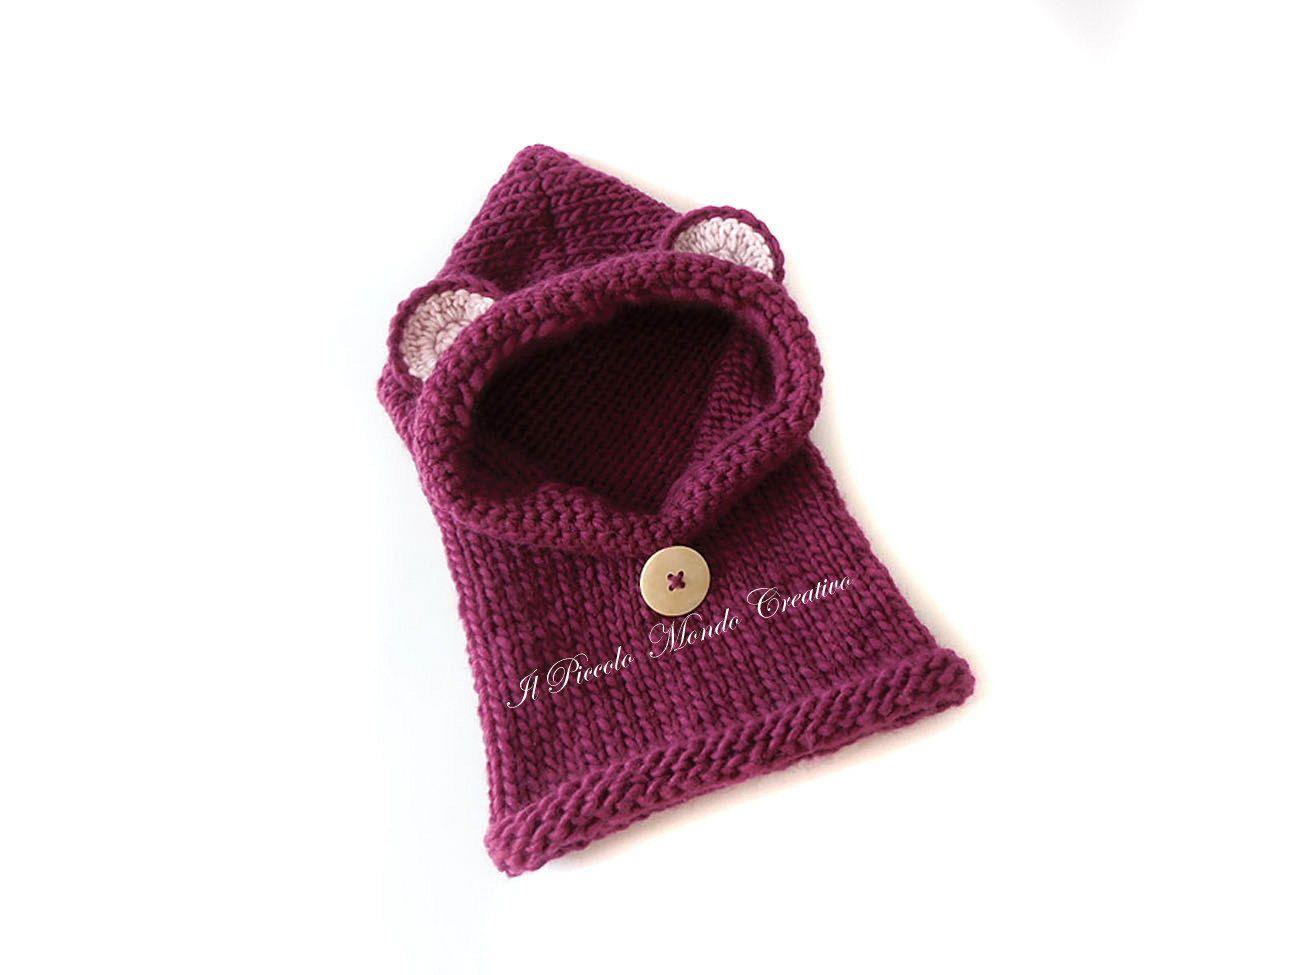 vendita professionale brillantezza del colore colore attraente Cappuccio per bambini a forma di orsetto, Cappuccio con ...